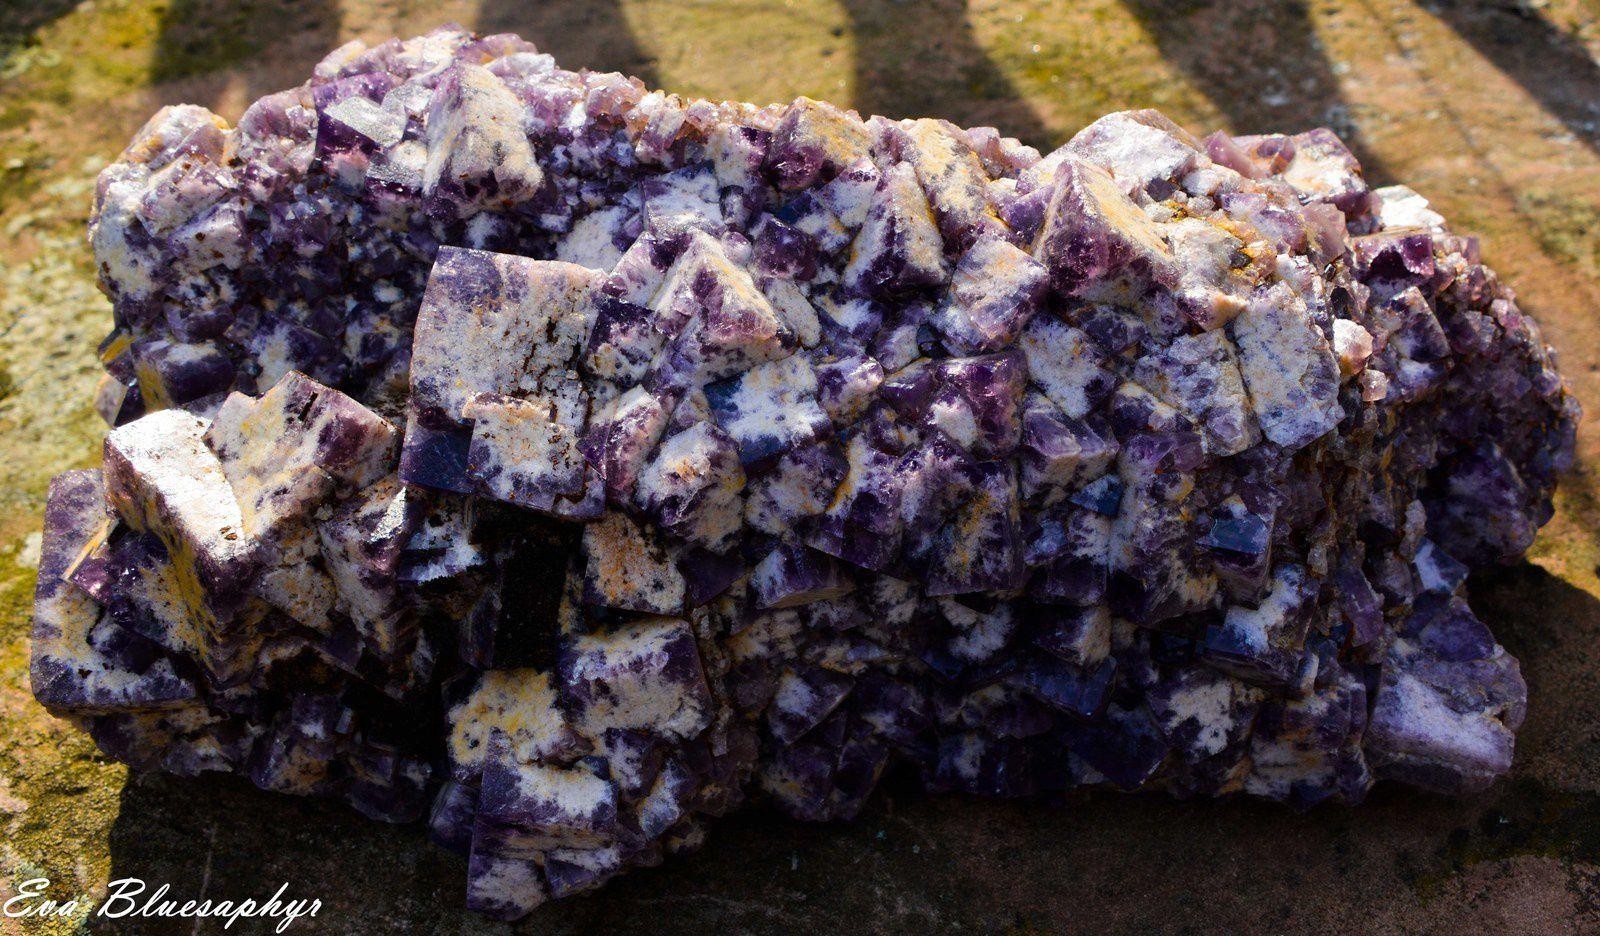 Fluorite (Fluorine) from Weardale, UK (GB) (size: Museum)